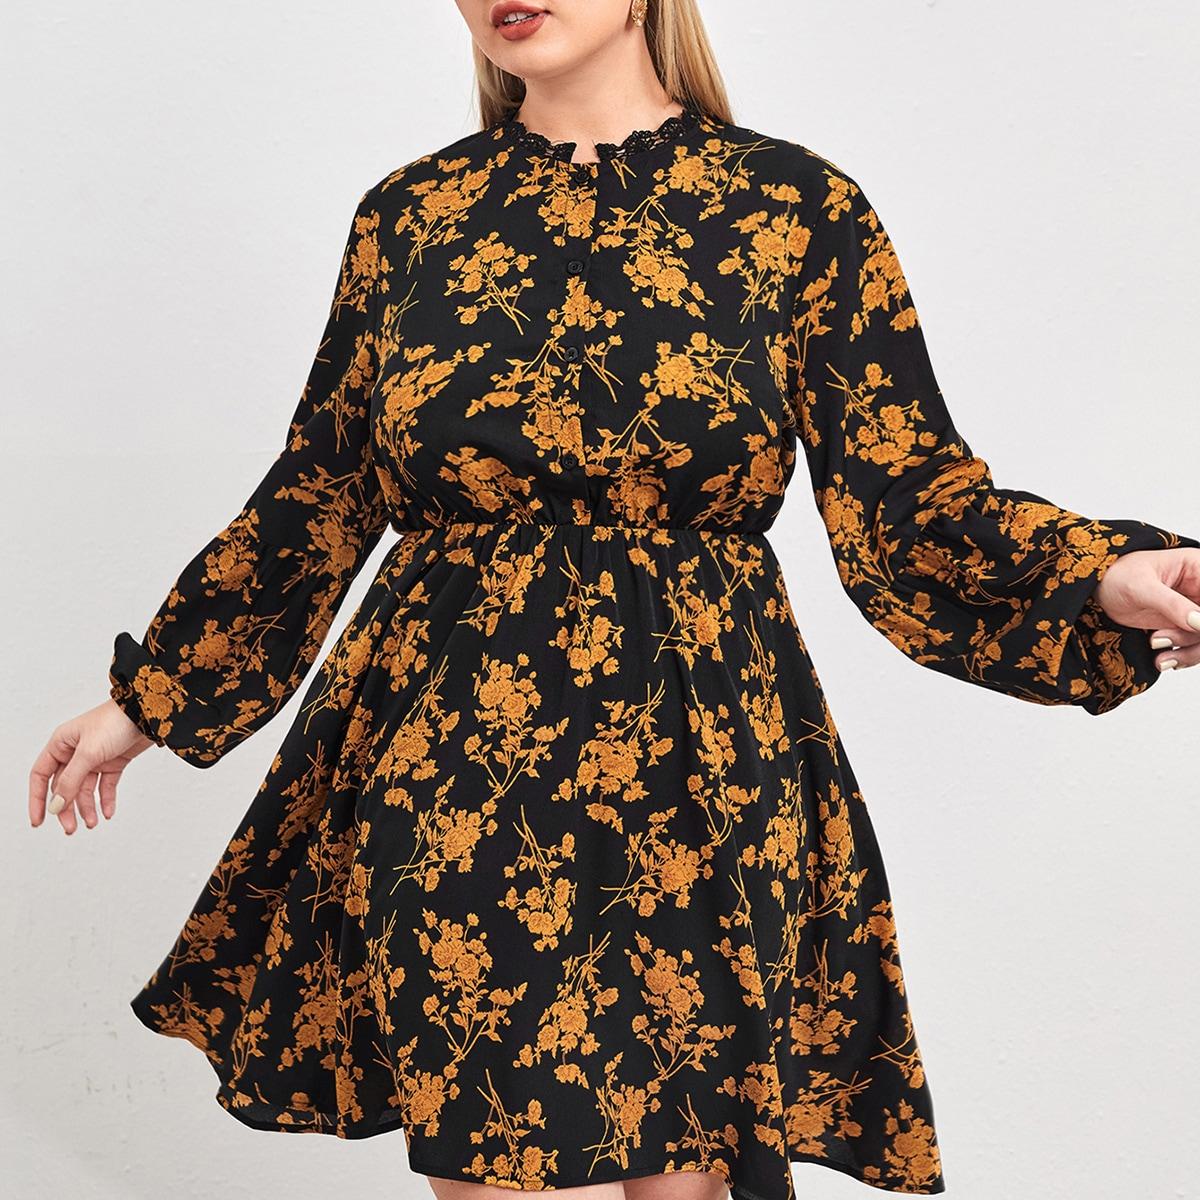 Контрастные кружева Цветочный Повседневный Платья размер плюс